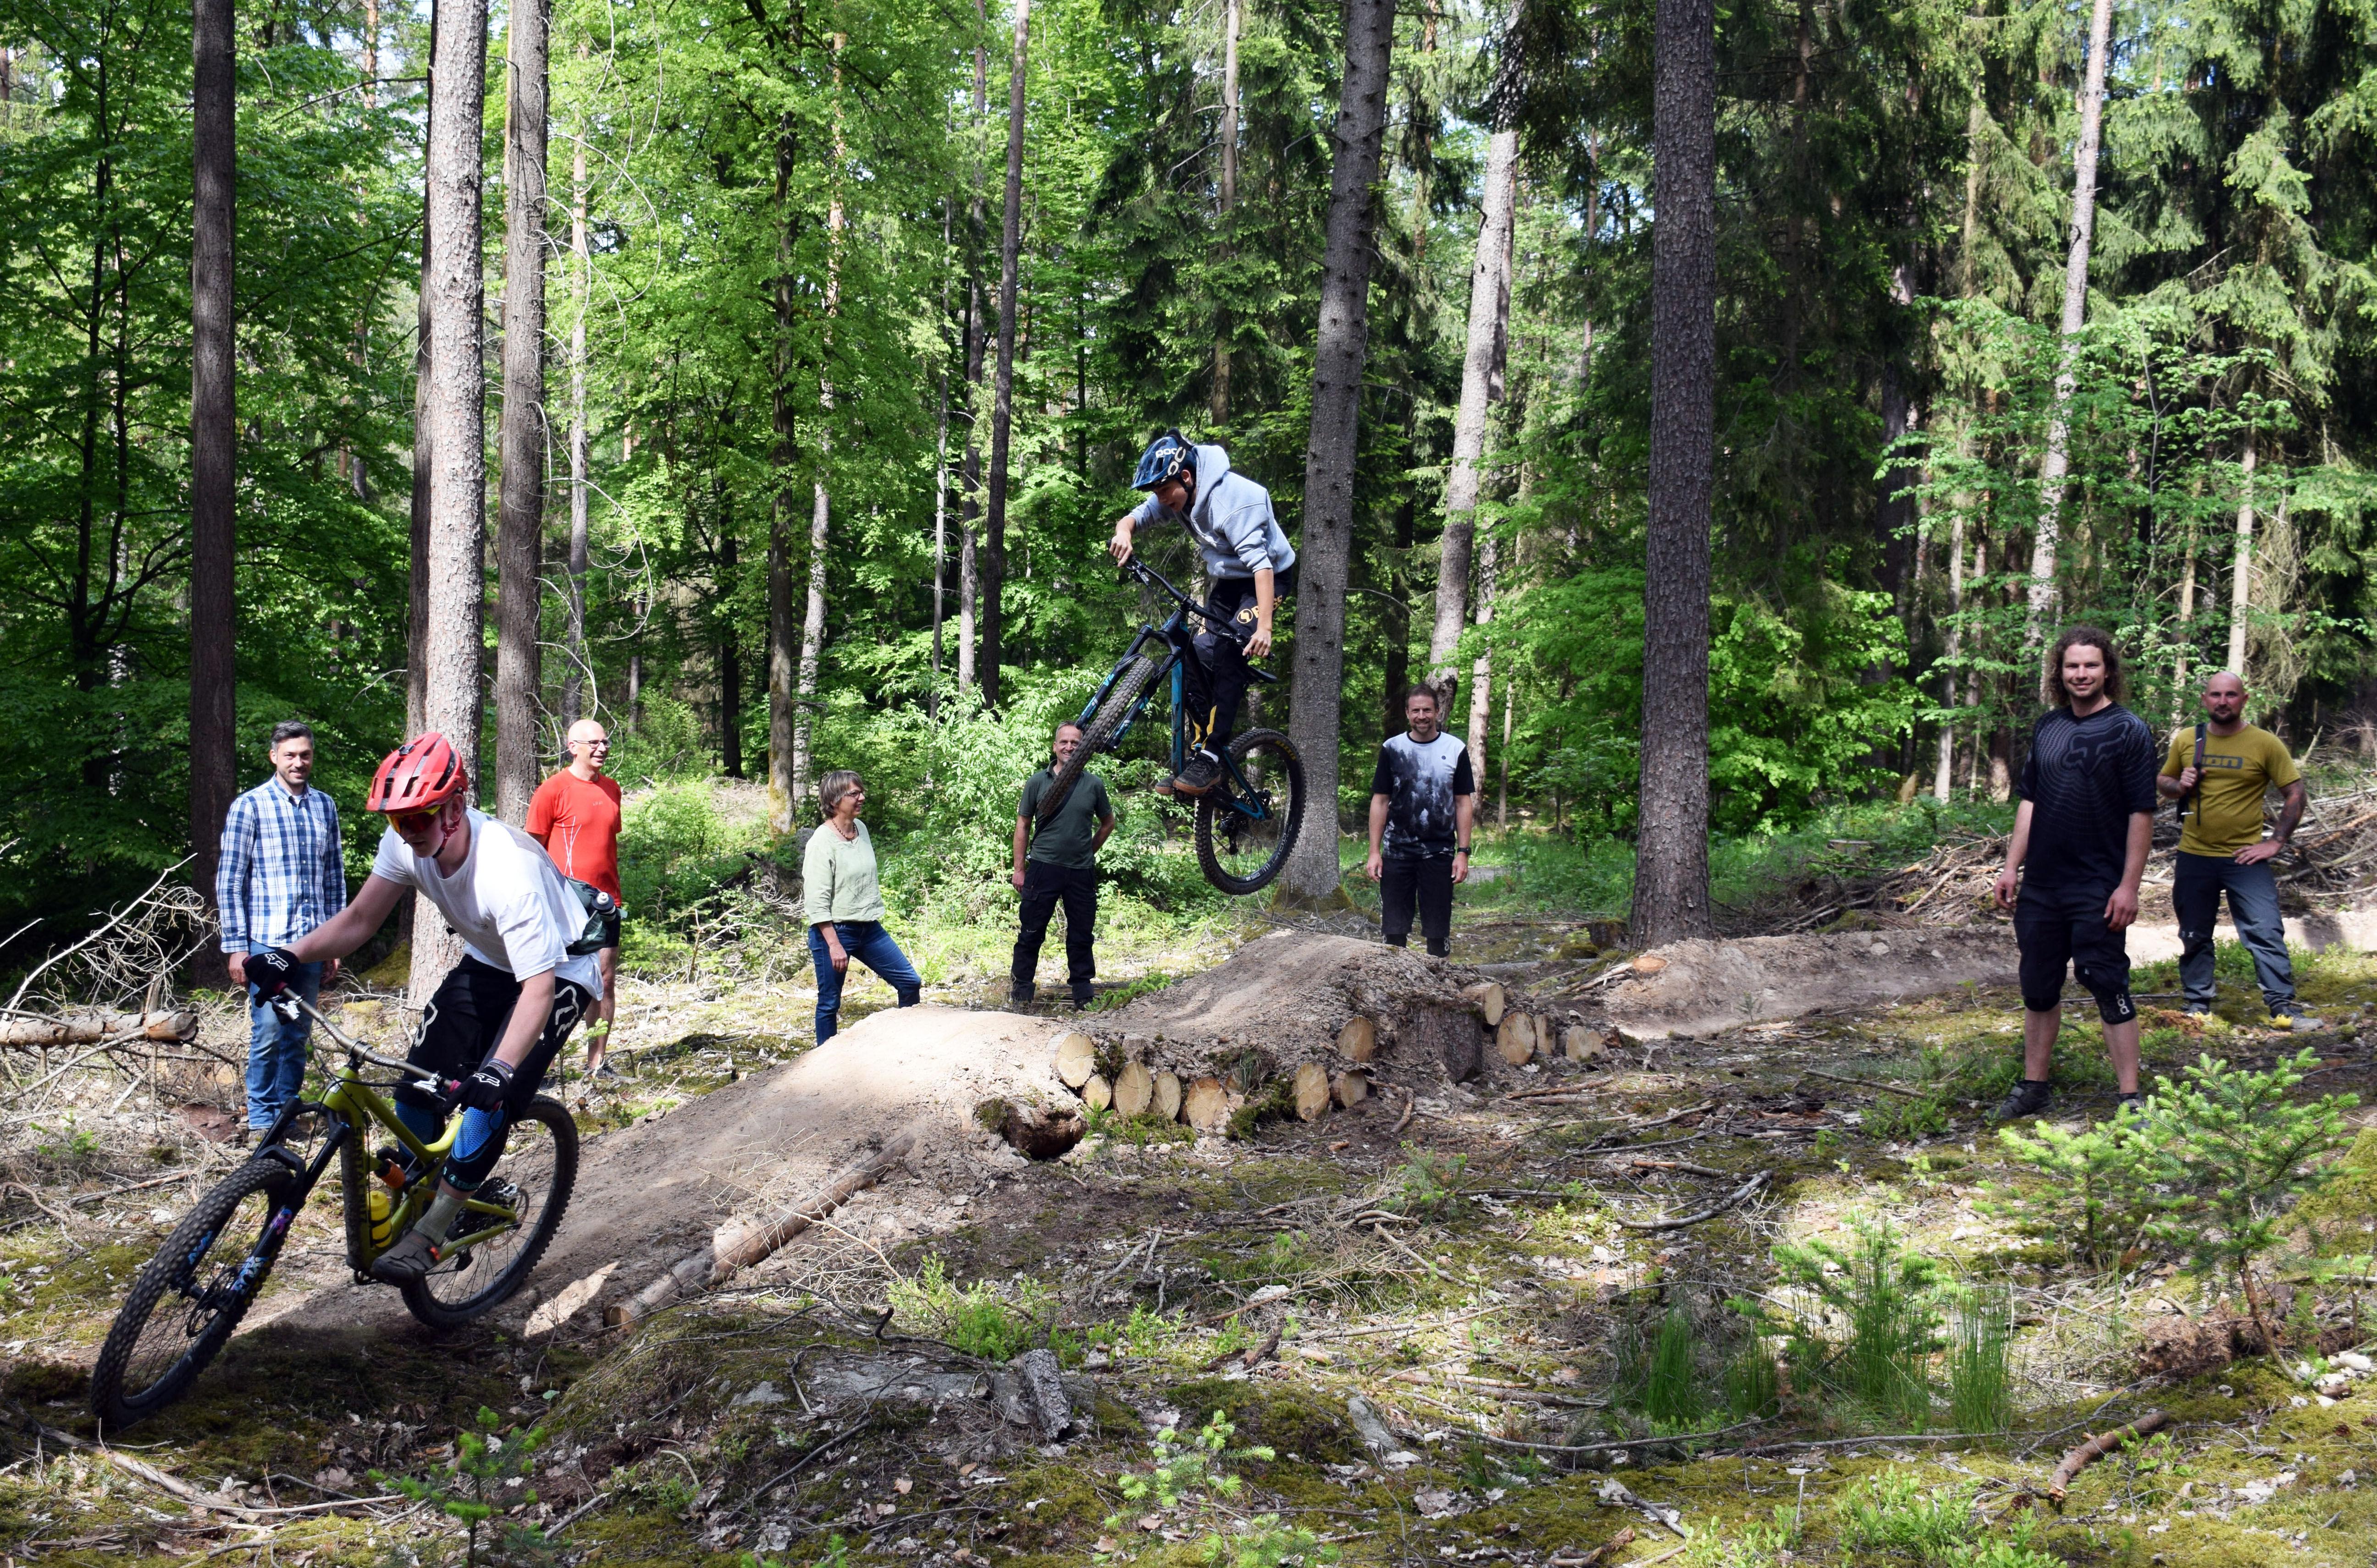 Bei der Vorstellung des neuen Trails gab es von allen Seiten freudige Mienen. (Foto: Landratsamt Lichtenfels/Heidi Bauer)